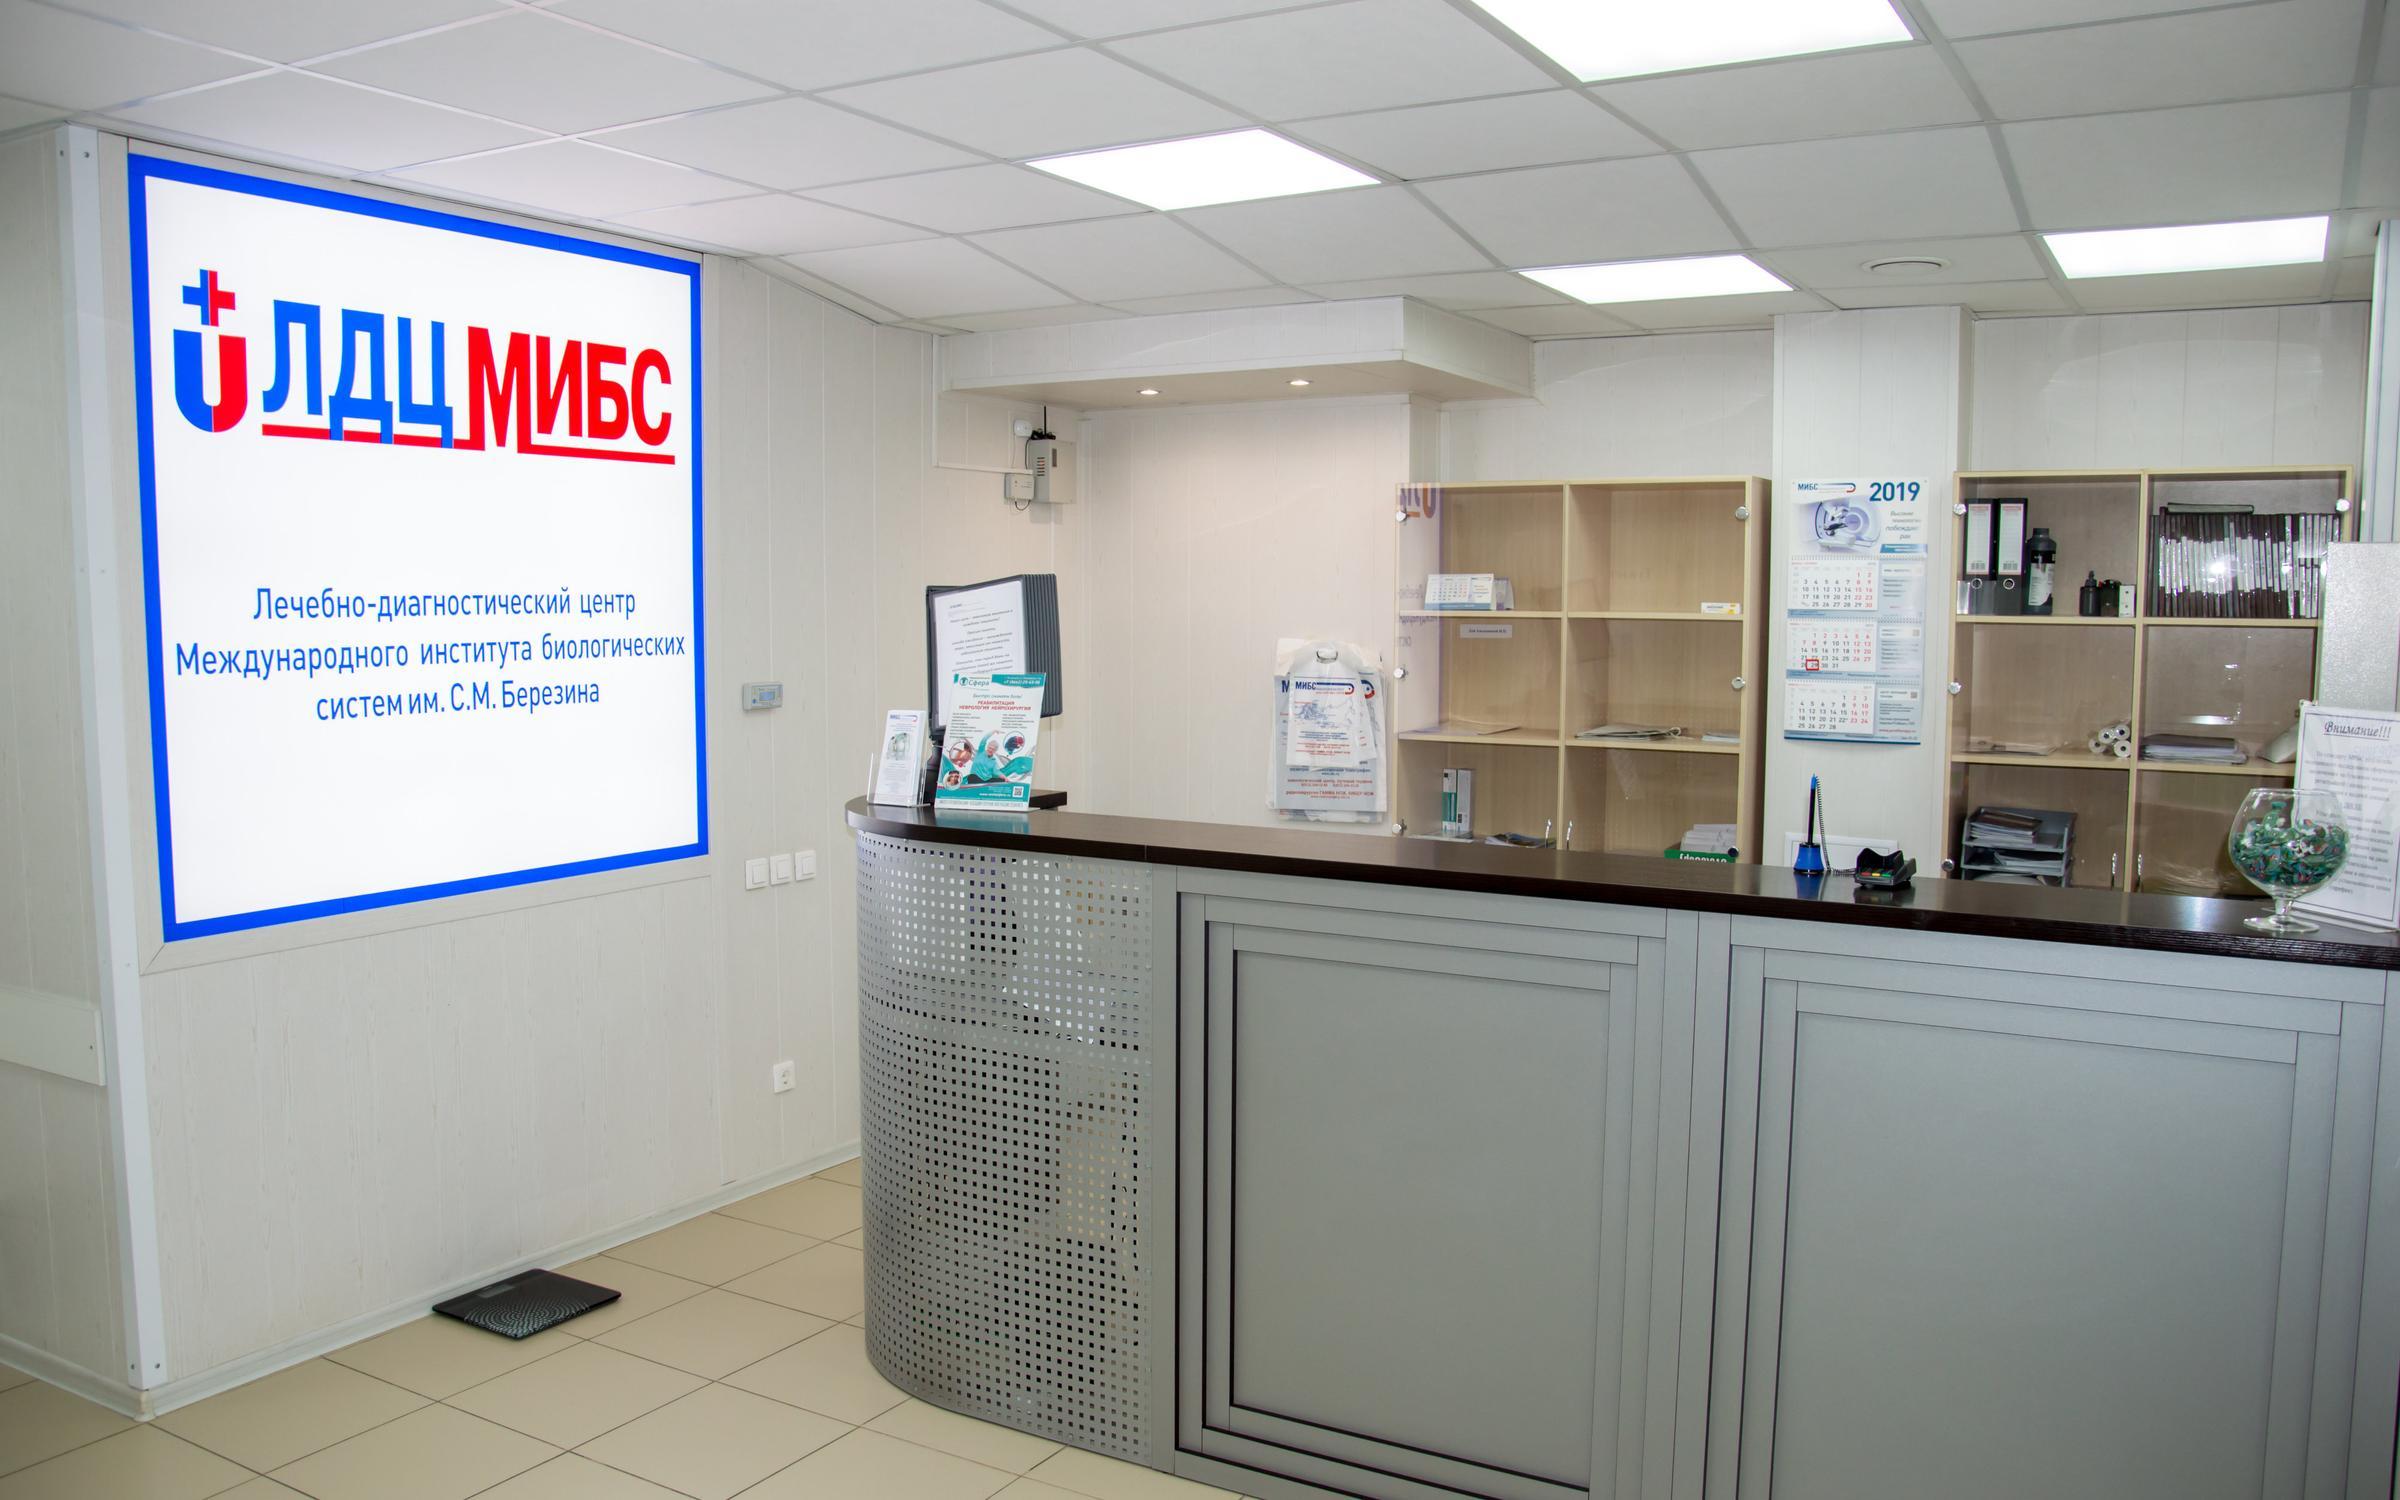 фотография Центра диагностики ЛДЦ МИБС-Волгоград на Елецкой улице